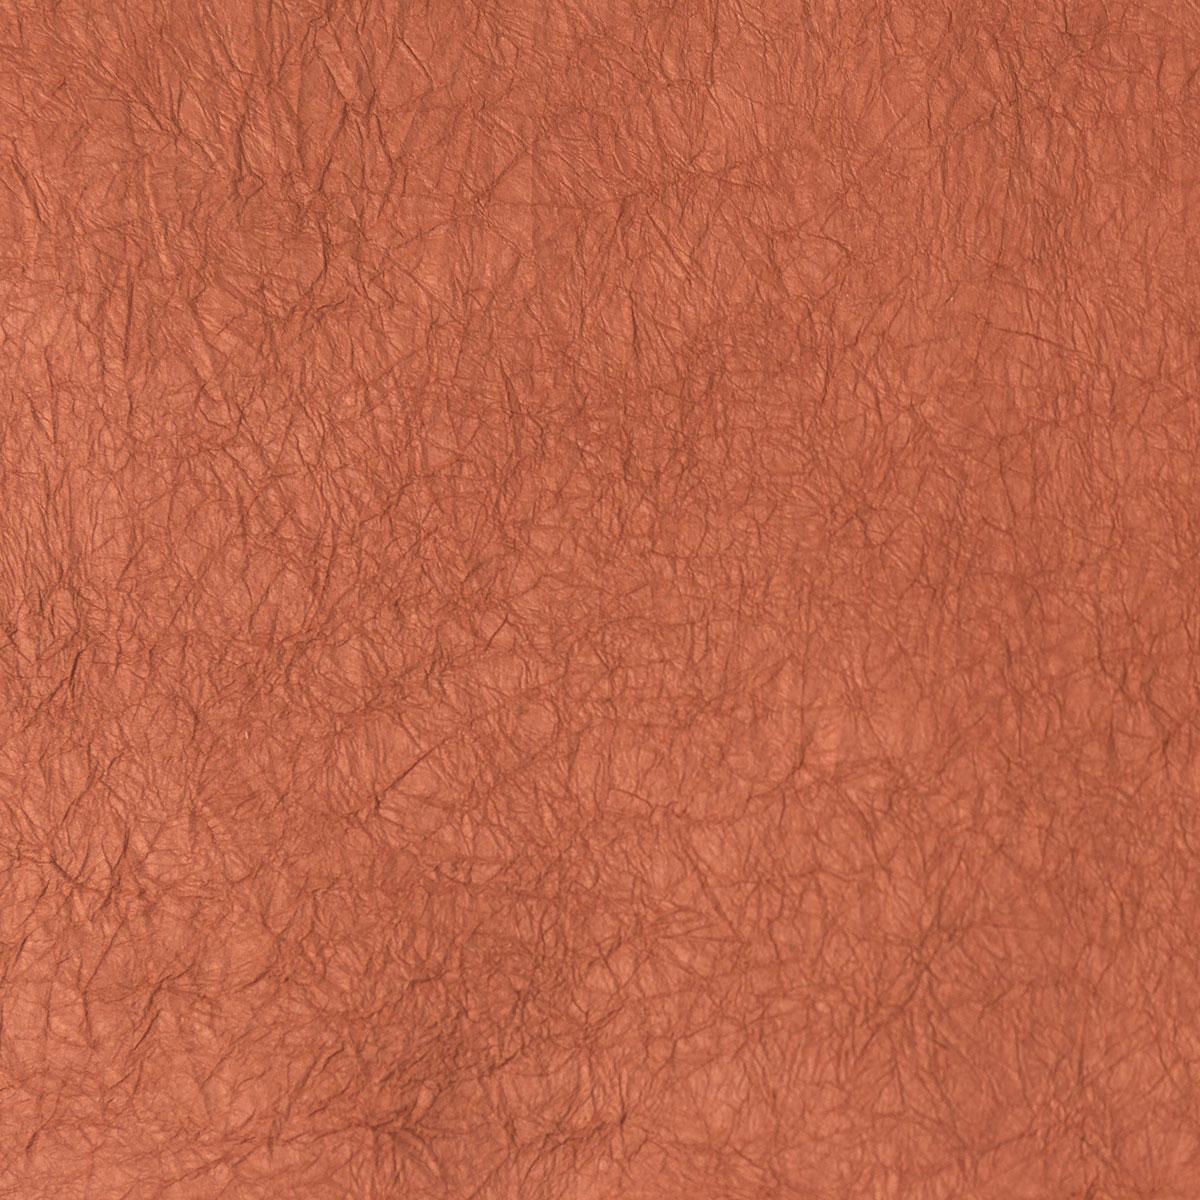 王朝のそめいろ 厚口 24番 赤白橡